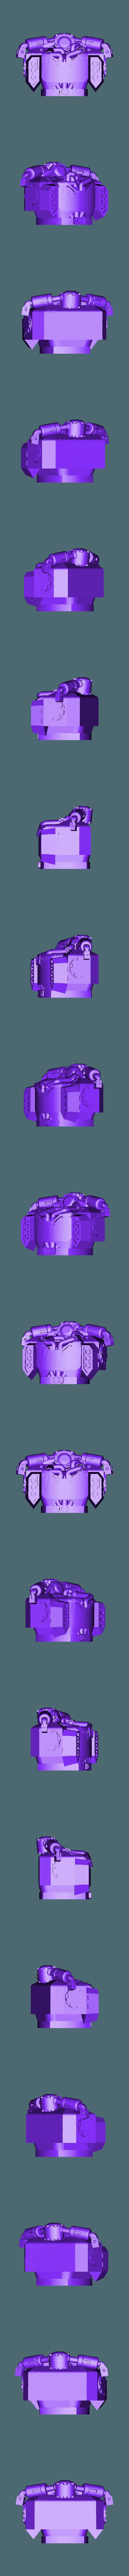 Torso.stl Télécharger fichier STL gratuit Pièces neuves pour la marque II Centurion • Objet pour impression 3D, GarinC3D